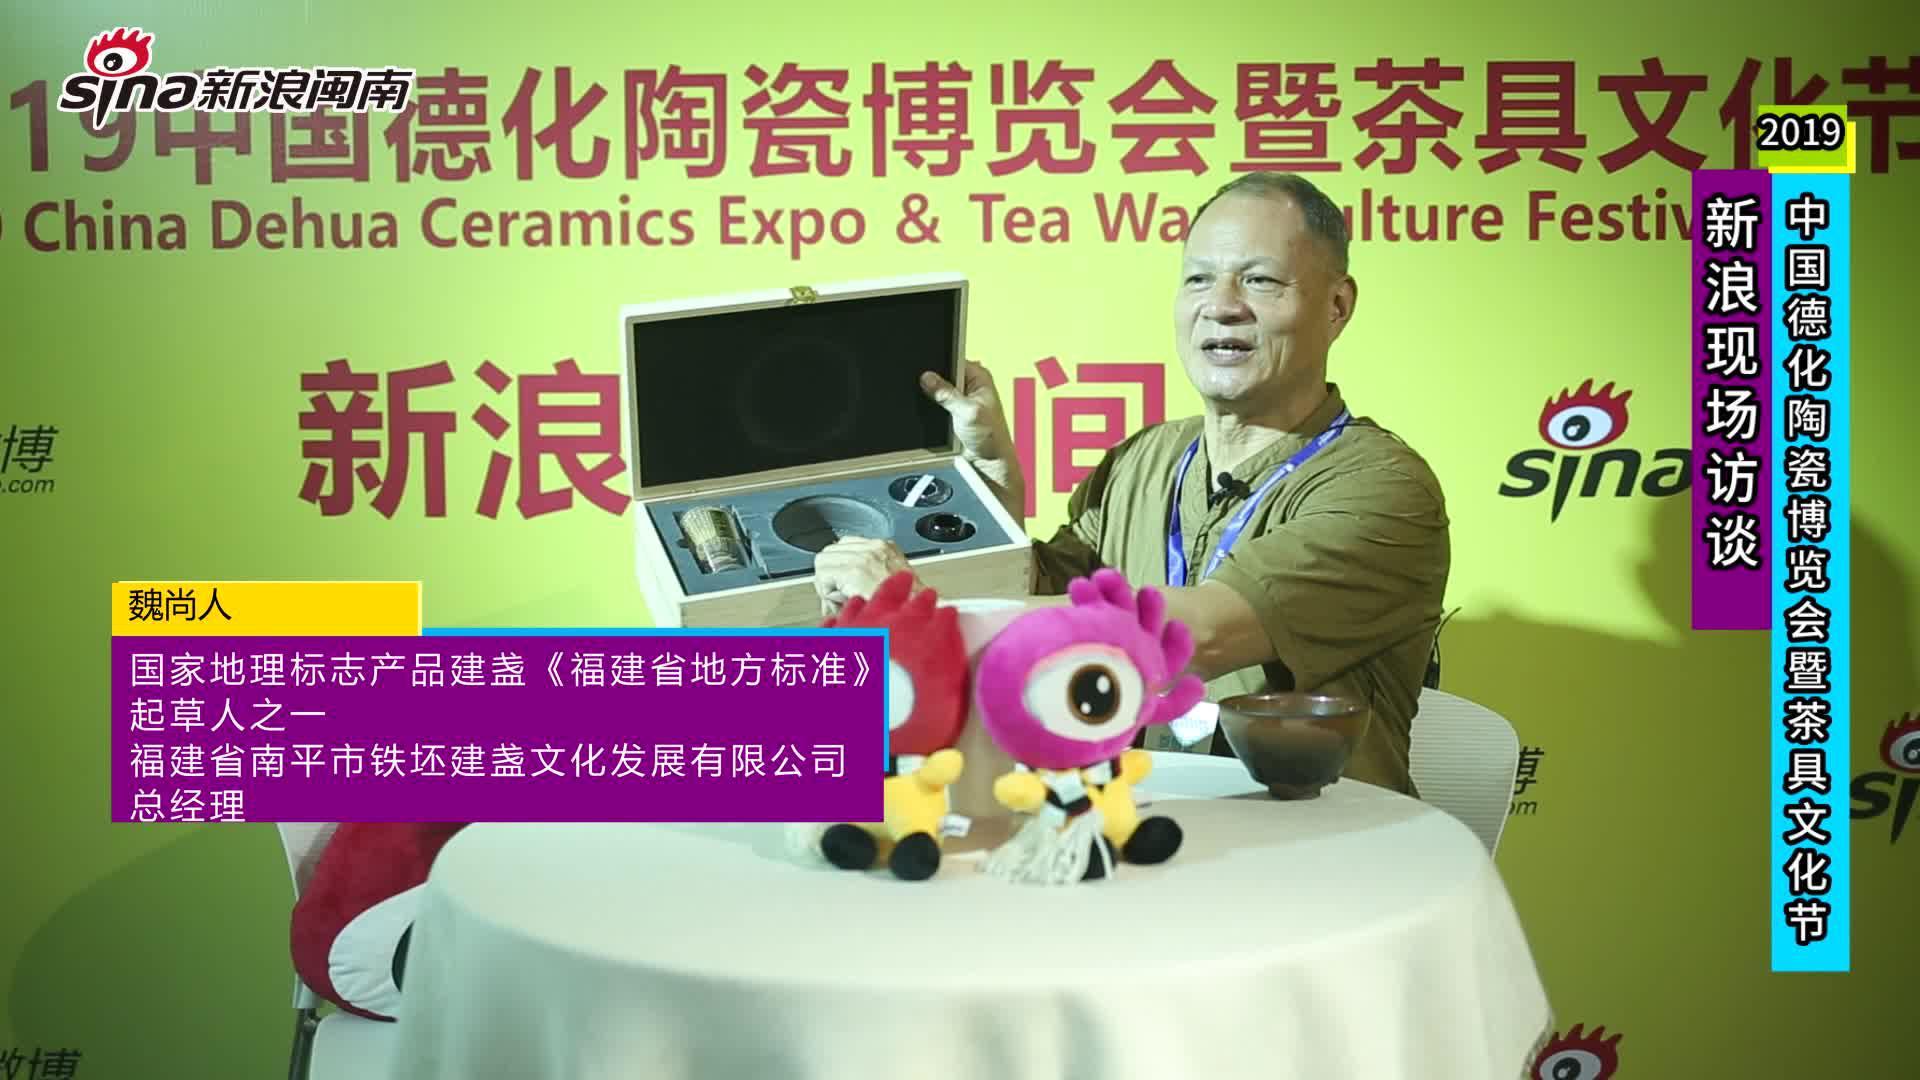 【新浪专访】福建省南平市铁坯建盏文化发展有限公司总经理  魏尚人